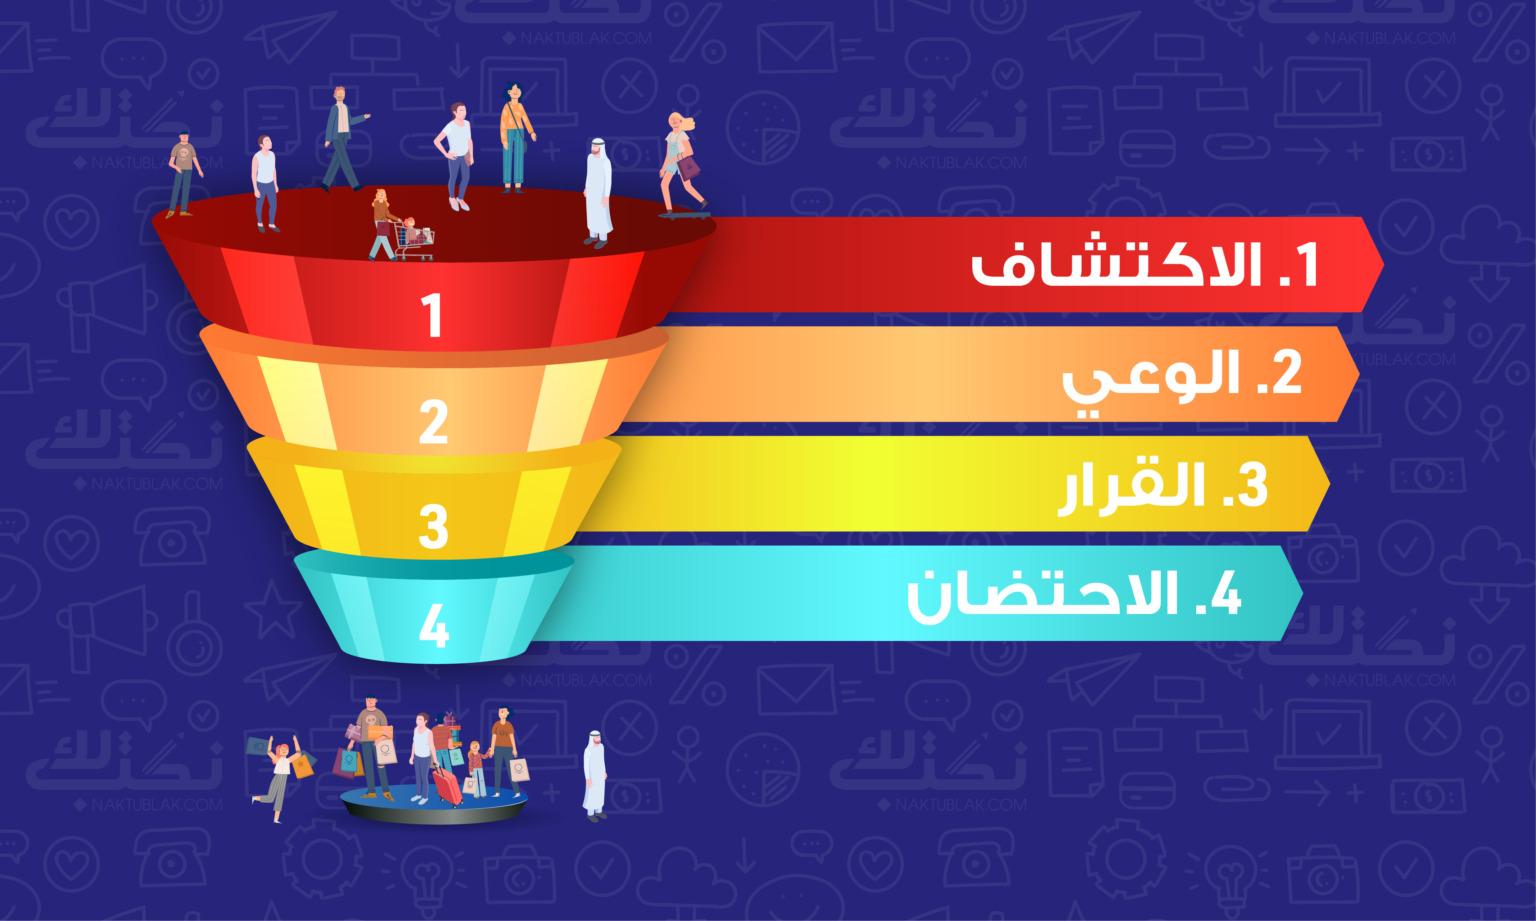 كتابة محتوى يساعد على الولوج في الـ Sales Funnel